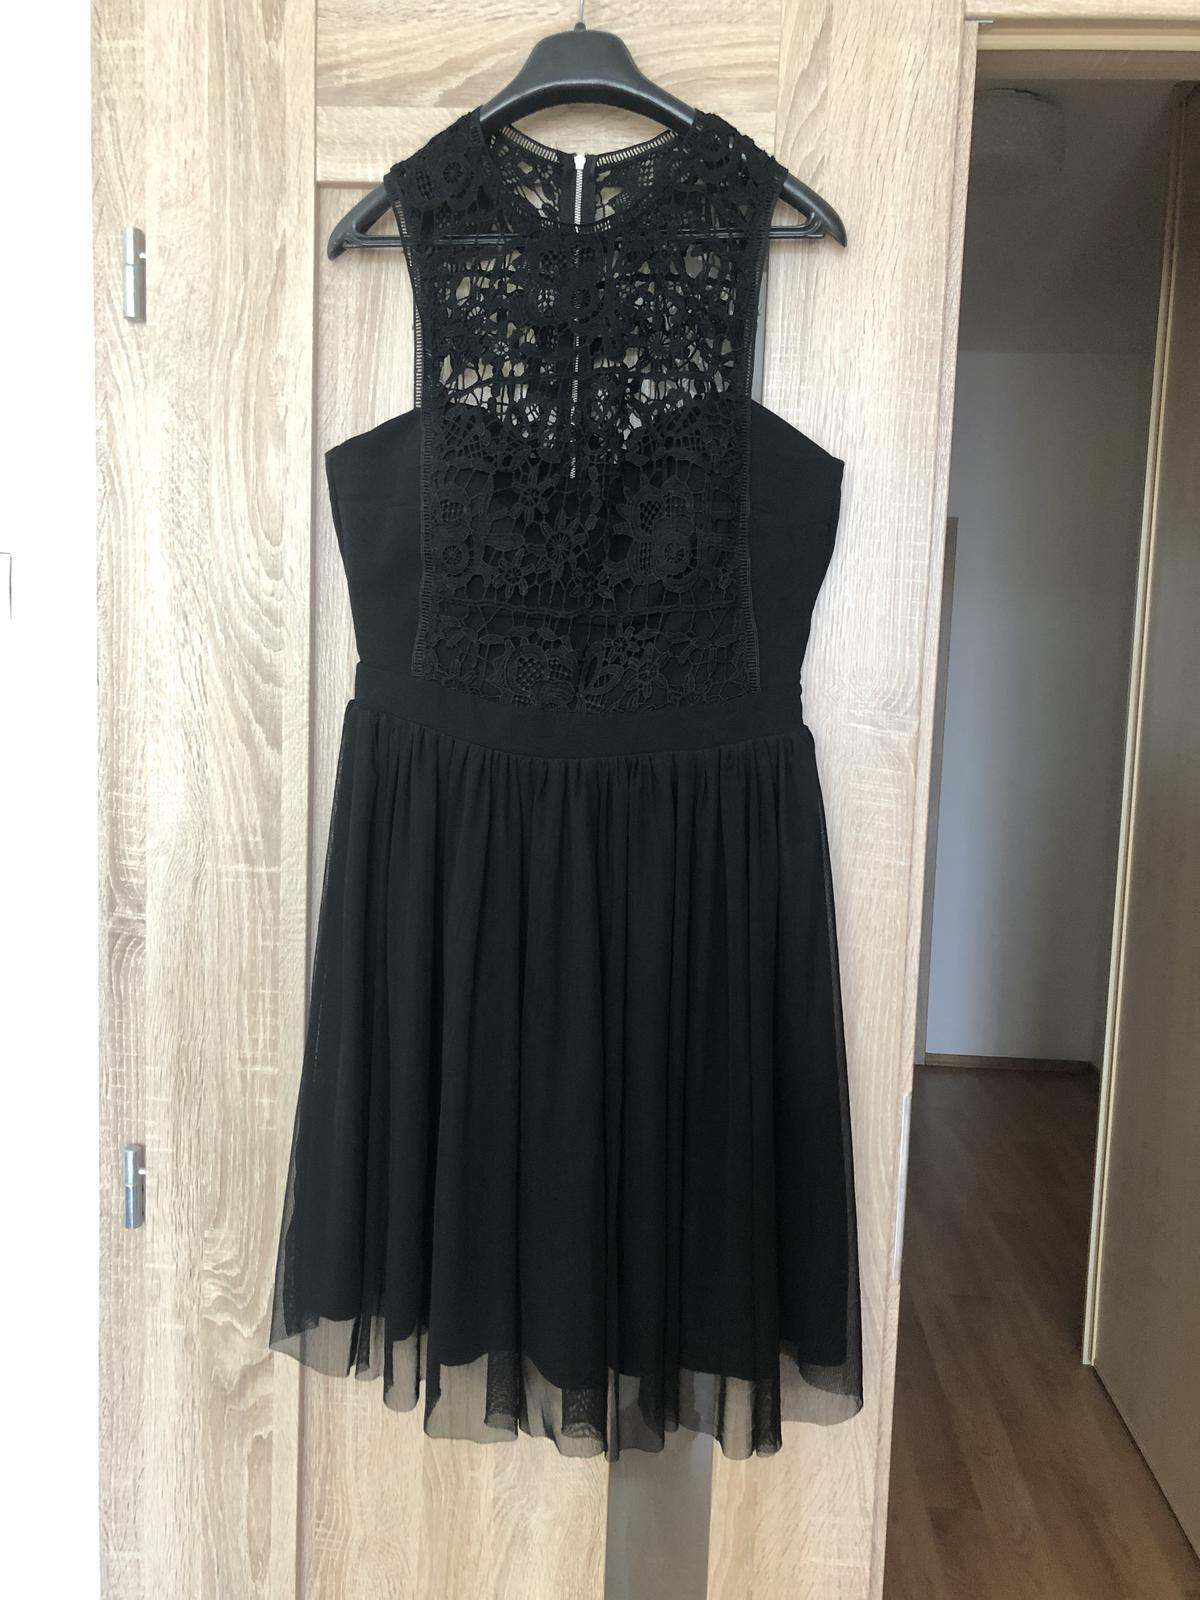 Tylové šaty - Obrázok č. 1